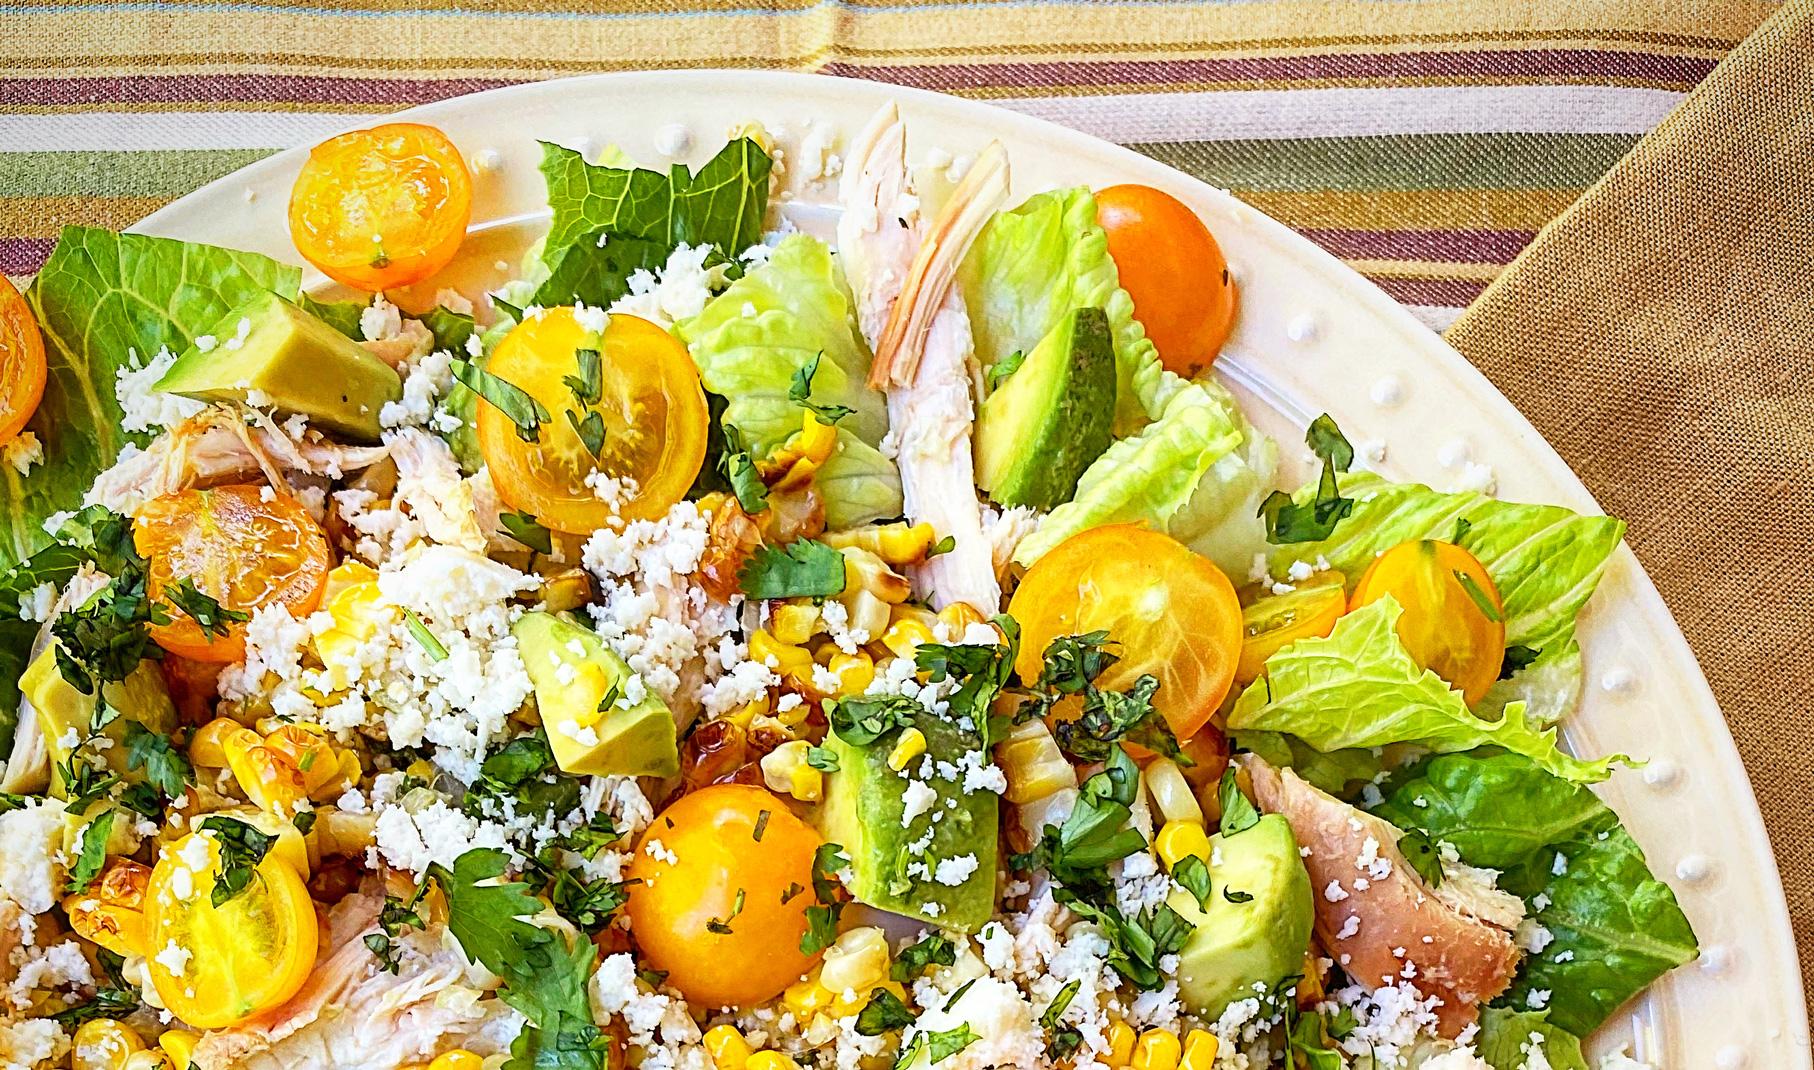 Grilled Elotes Salad